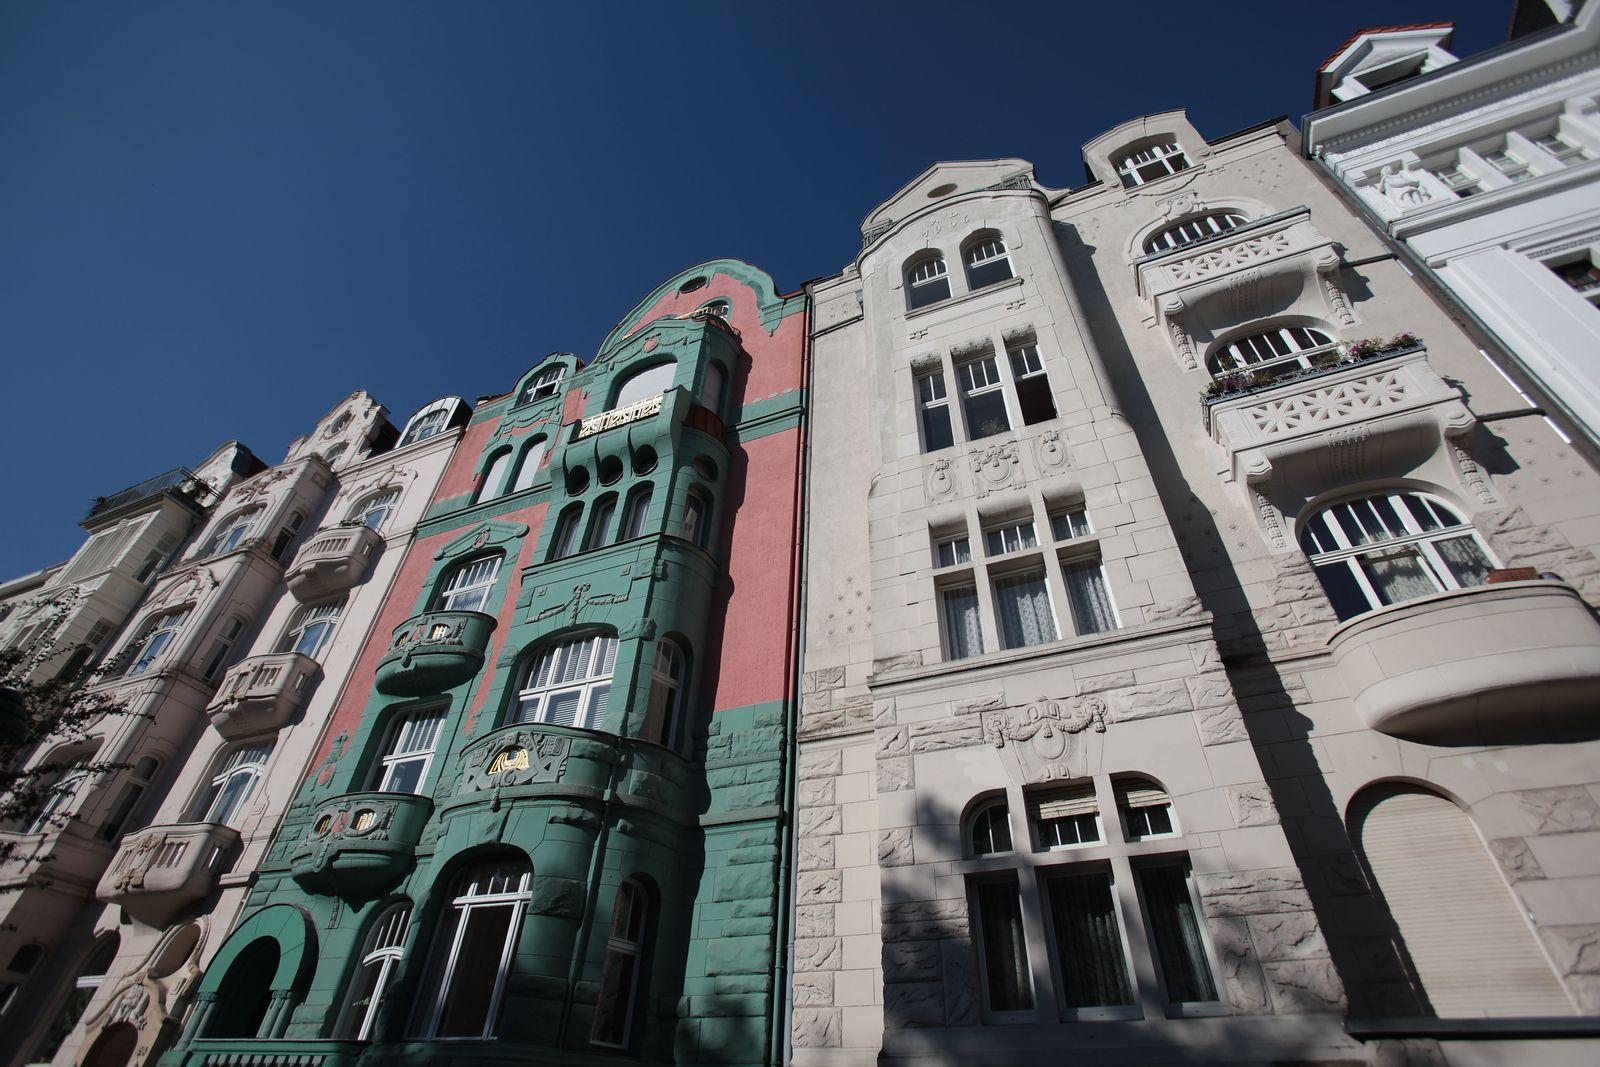 Wohnhaus / Wohnungsmarkt / Immobilienmarkt / Immobilie